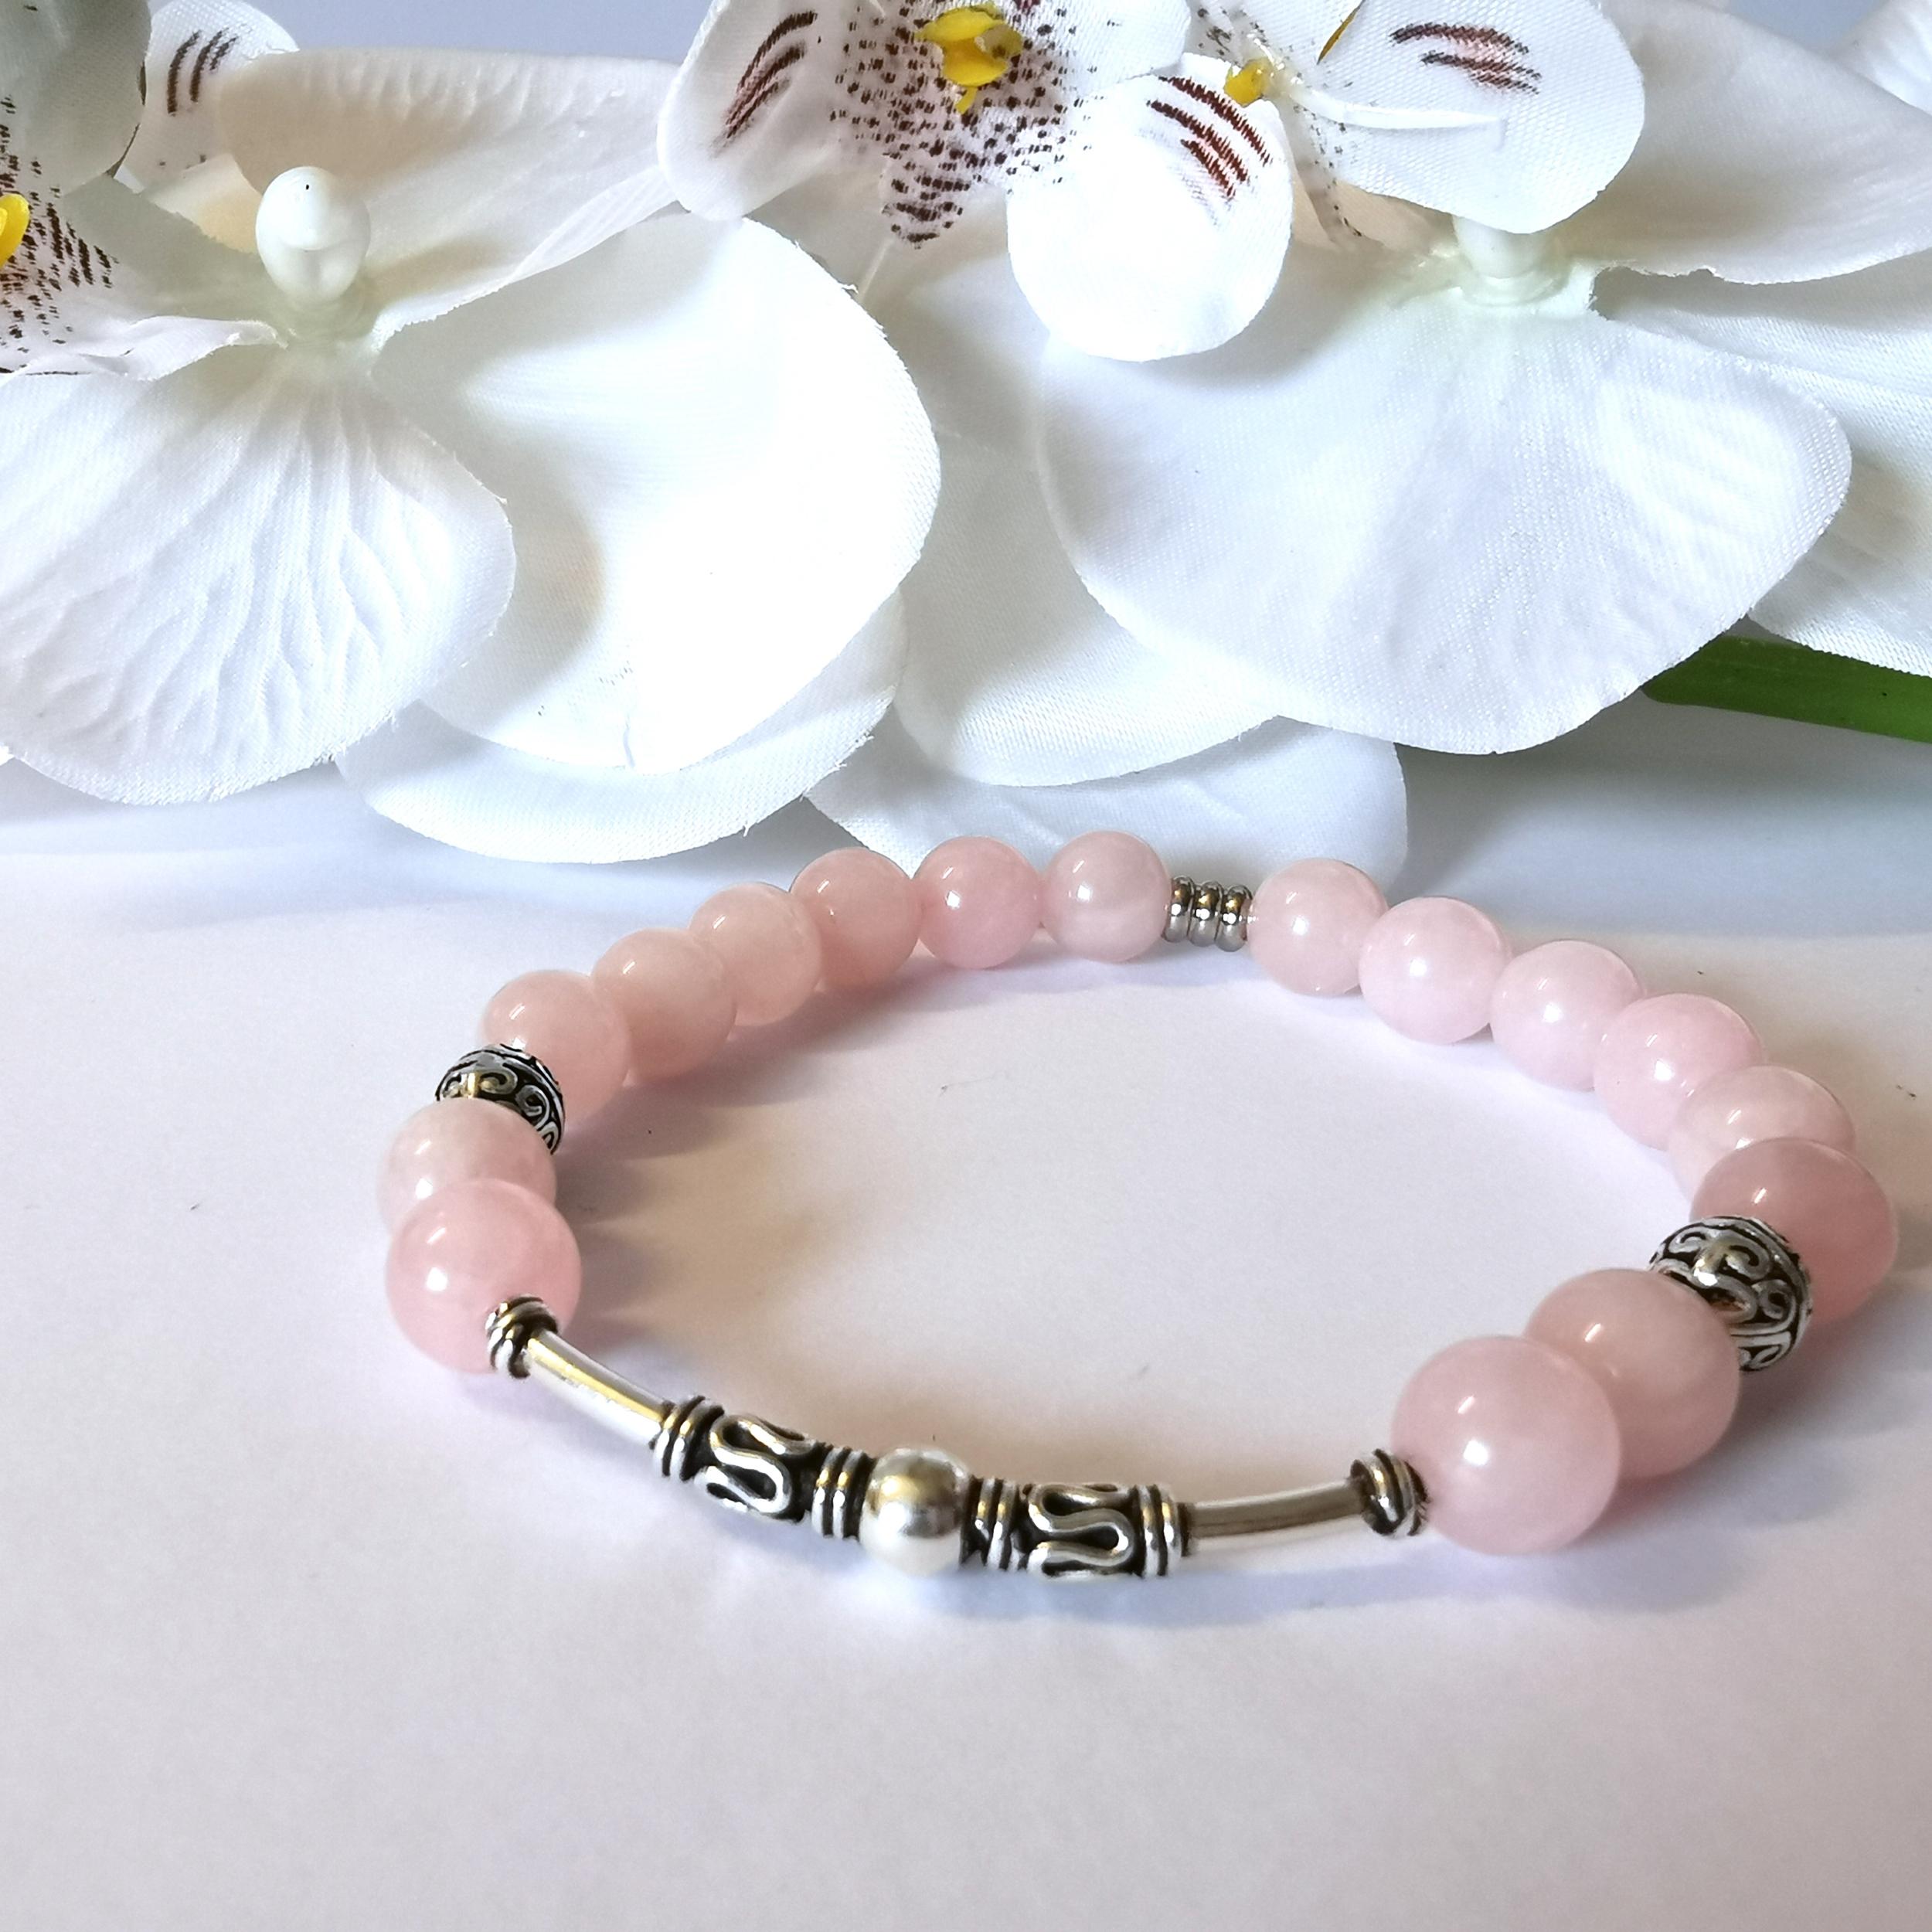 bracelet-quartz-rose-pierre-naturelle-montage-argent-pierres-du-monde-vosges-2